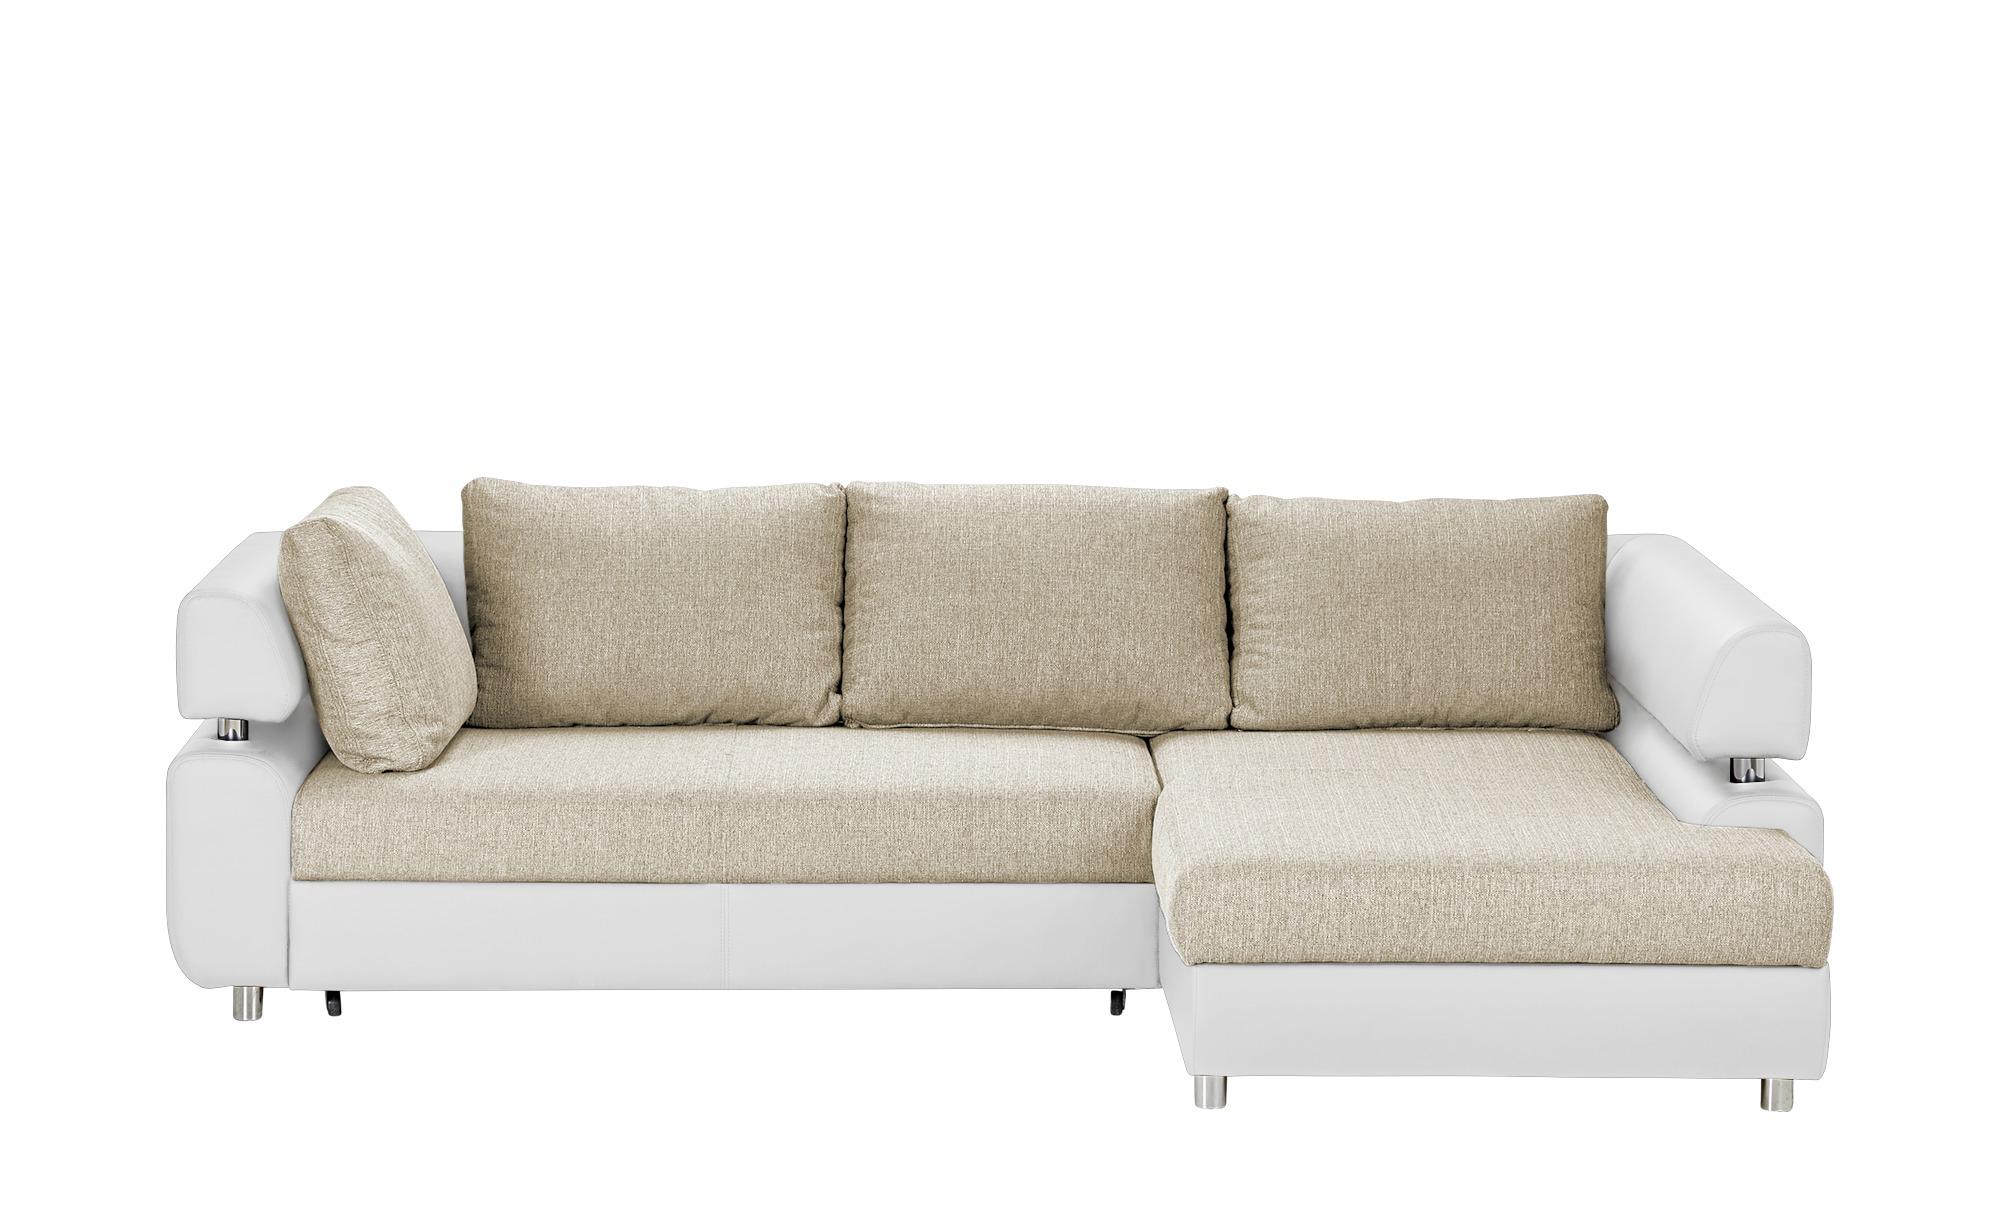 switch Ecksofa mit Schlaffunktion weiß/beige - Kunstleder/Webstoff Panama ¦ beige ¦ Maße (cm): H: 72 Polstermöbel > Sofas > Ecksofas - Höffner